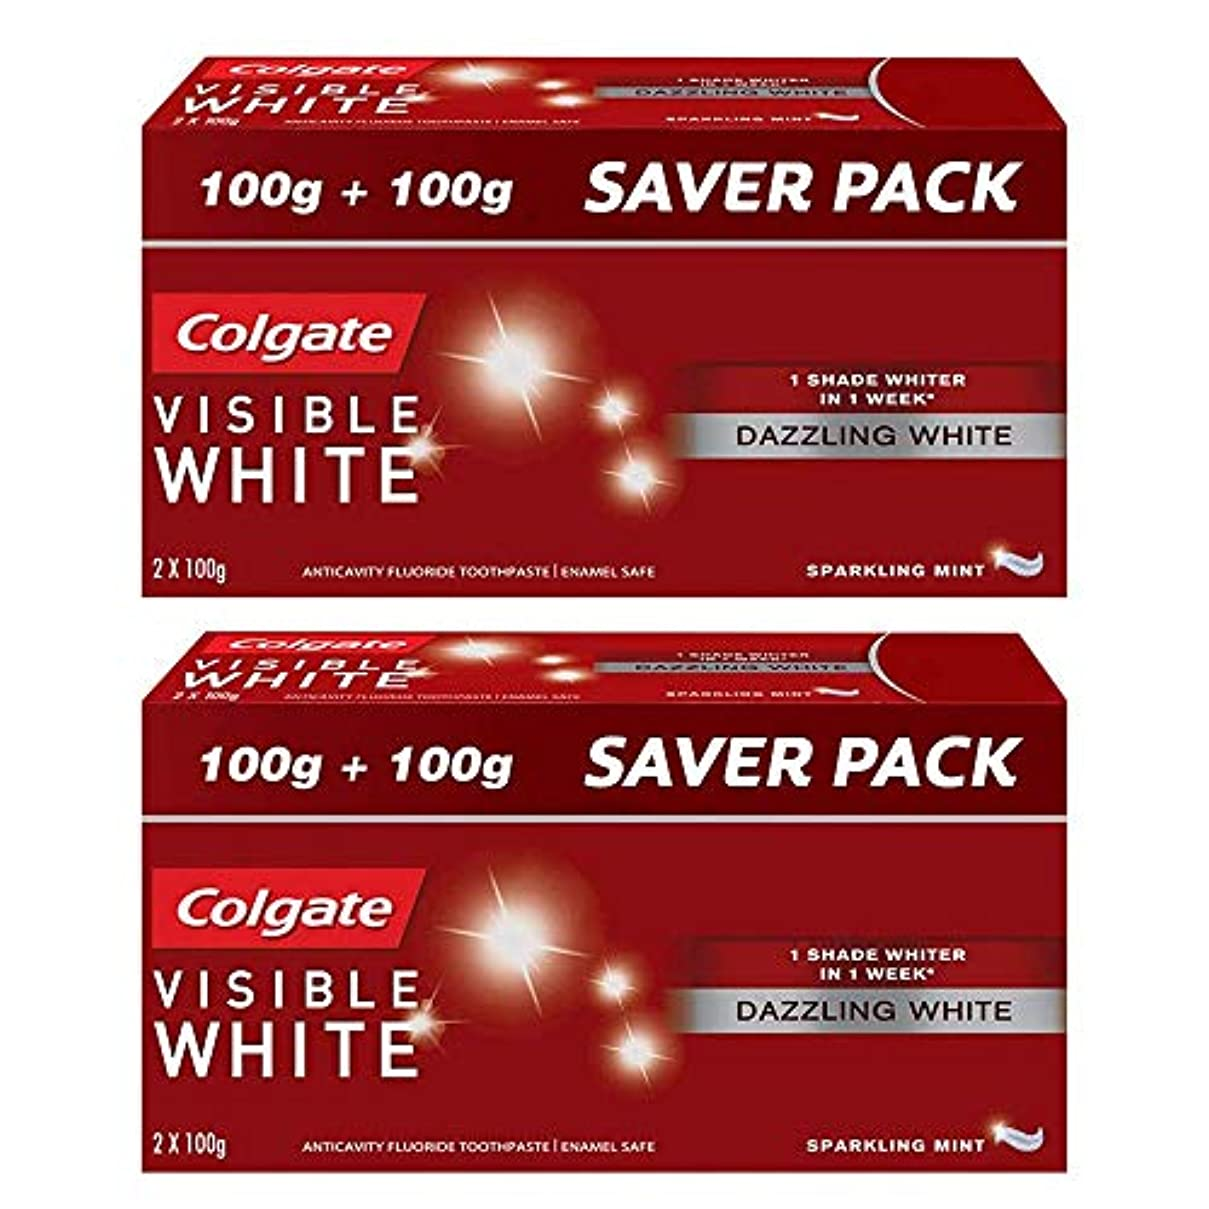 移民請求書終了するColgate Visible White Dazzling White Toothpaste, Sparkling Mint - 200gm (Pack of 2)